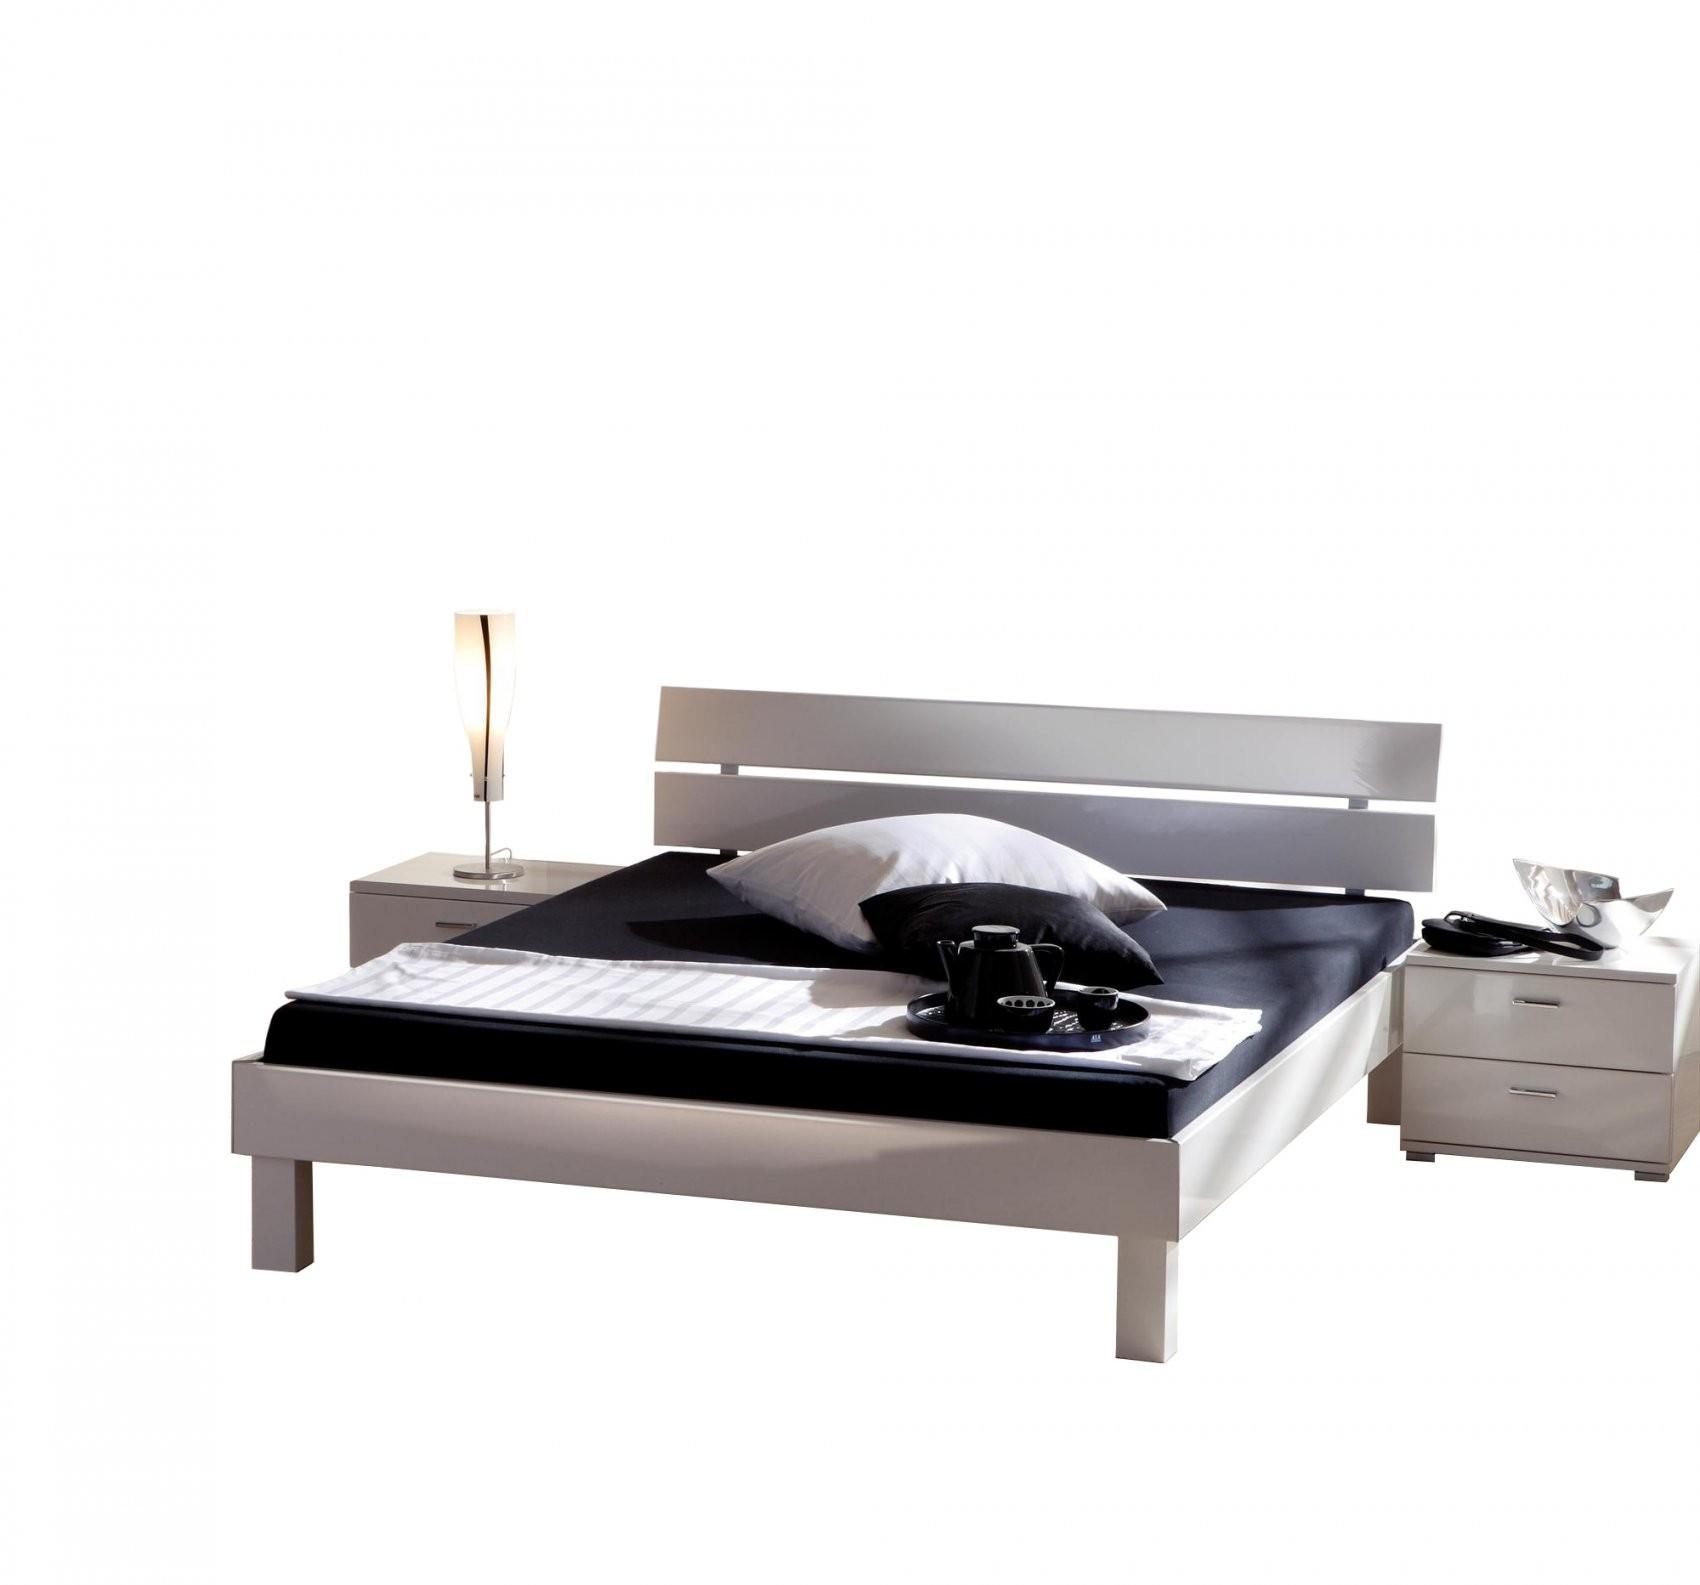 Bett 120X200 Schwarz Best Betten Gunstig Real Futonbett Mit von Bett 120X200 Schwarz Photo